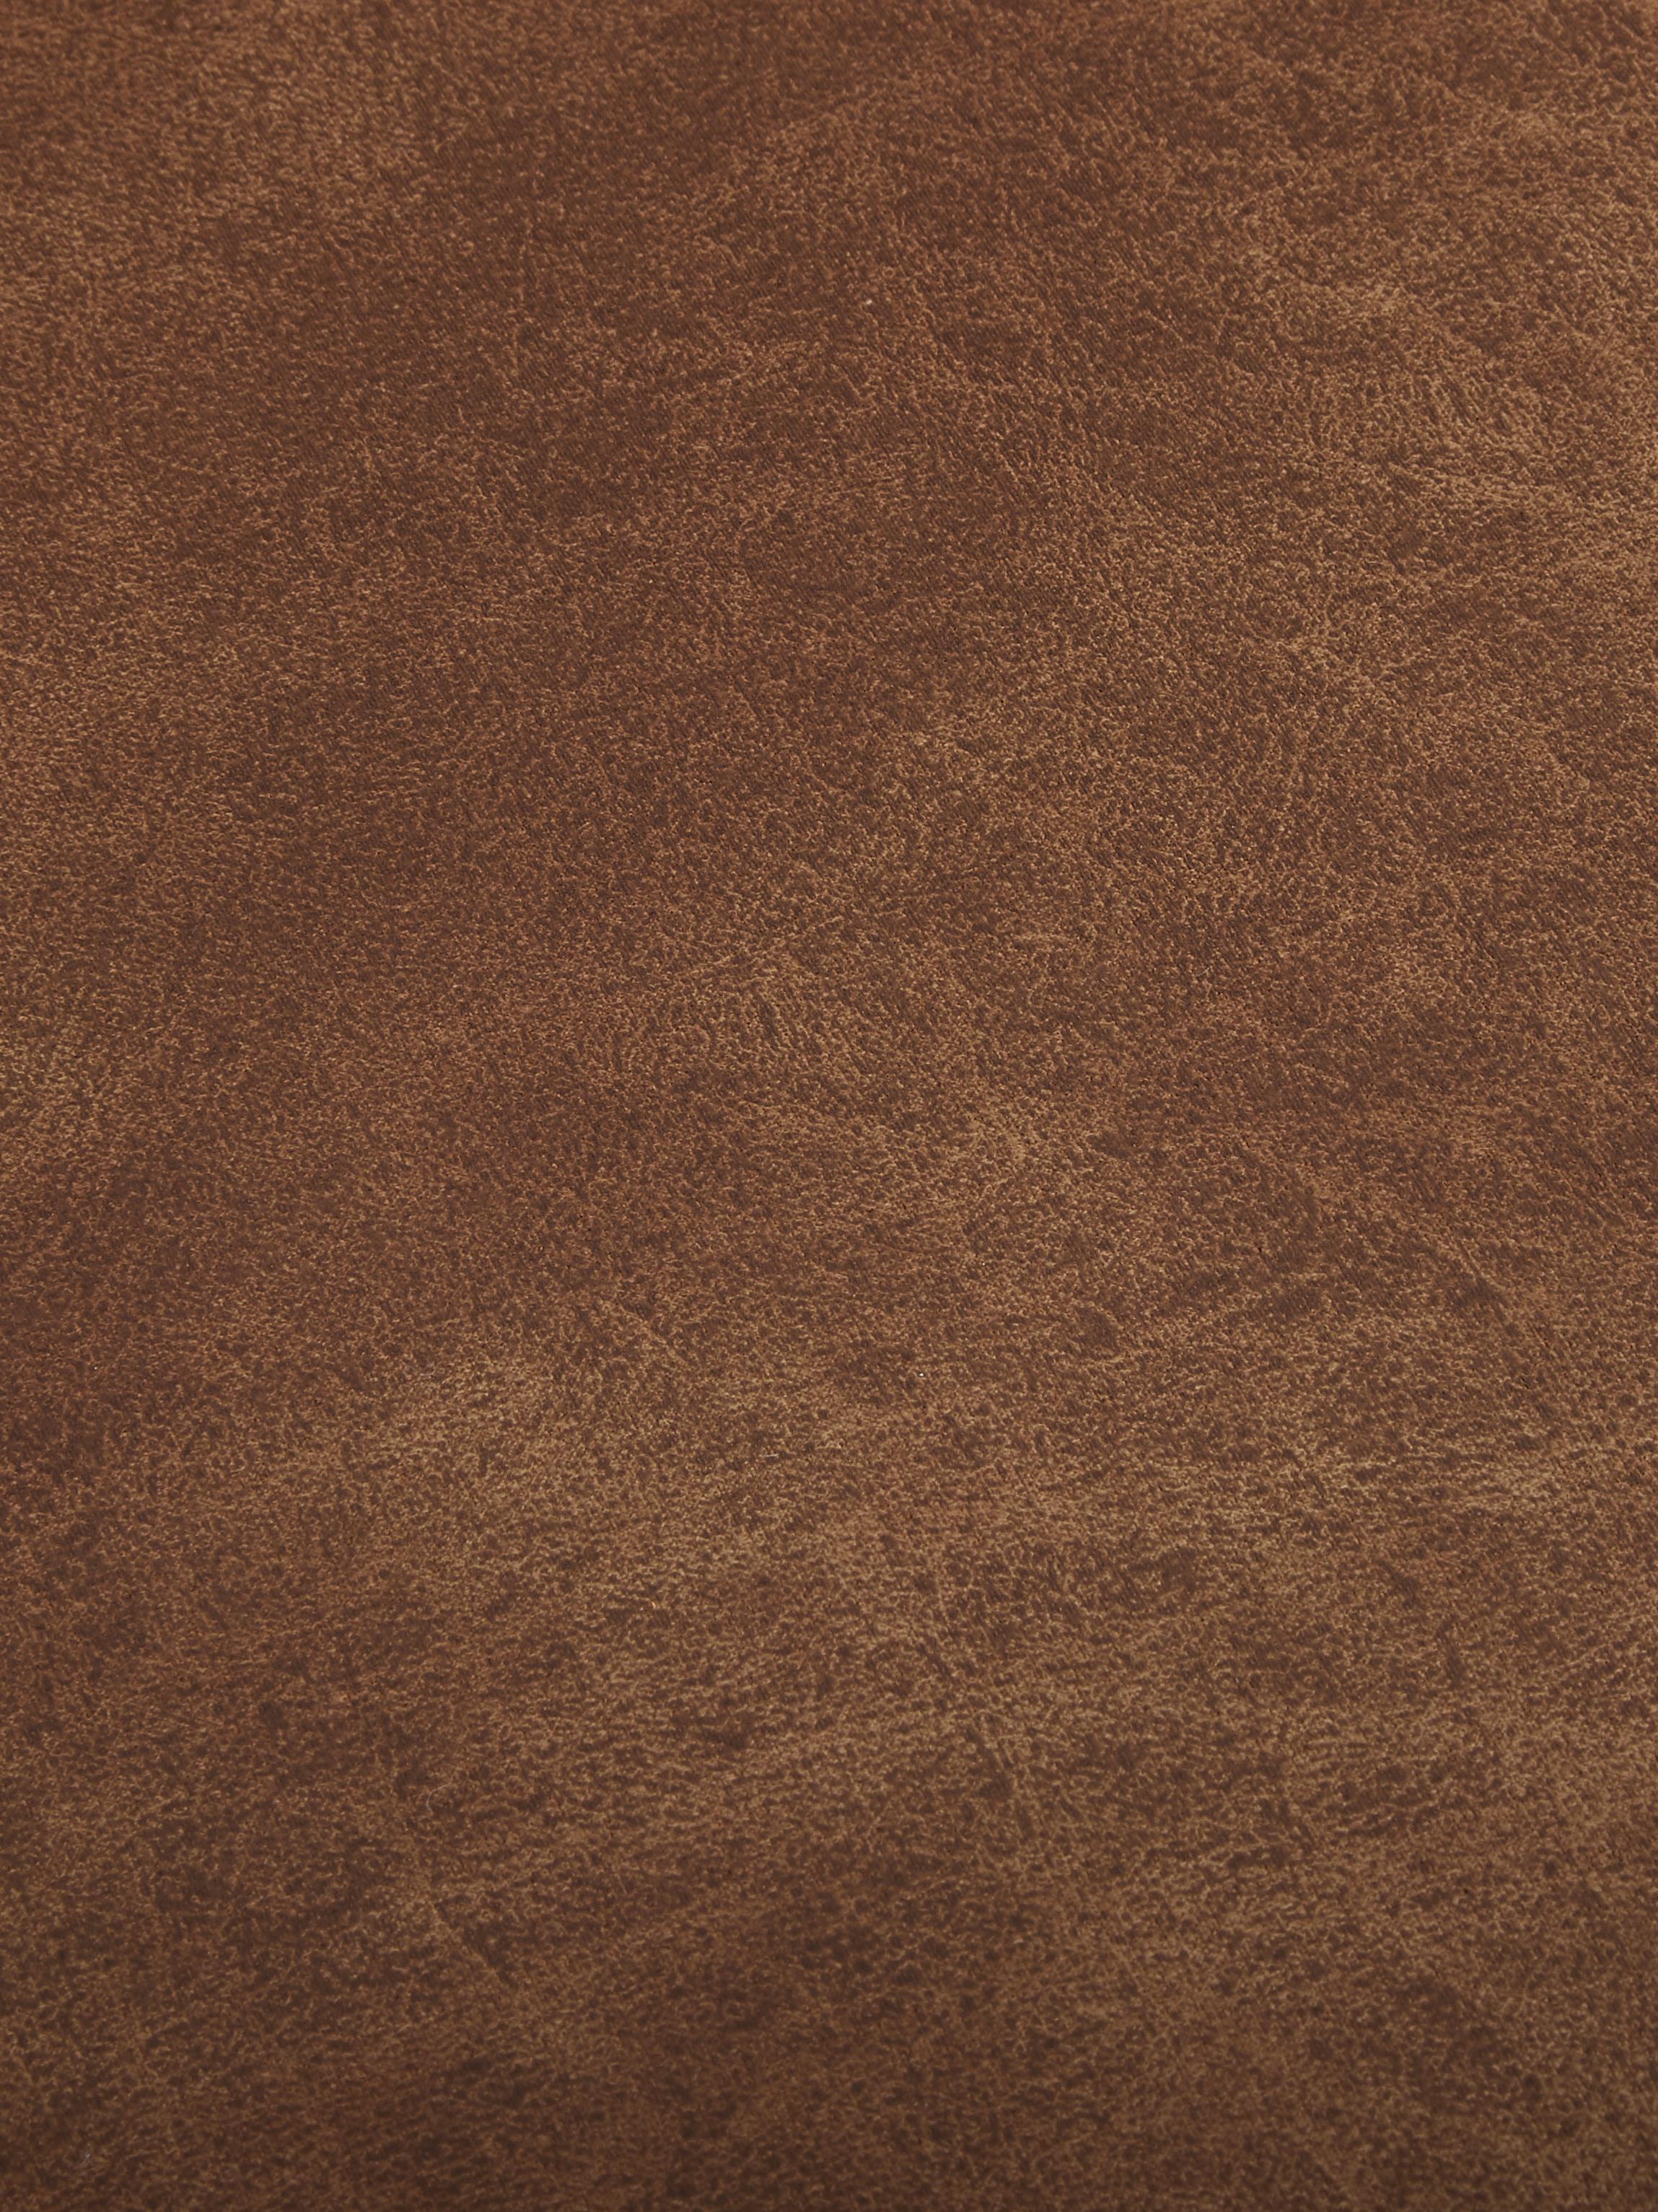 Divano 2 posti in pelle marrone Hunter, Rivestimento: 70% pelle riciclata, 30% , Struttura: legno di betulla massicci, Piedini: metallo verniciato a polv, Pelle marrone, Larg. 164 x Prof. 90 cm